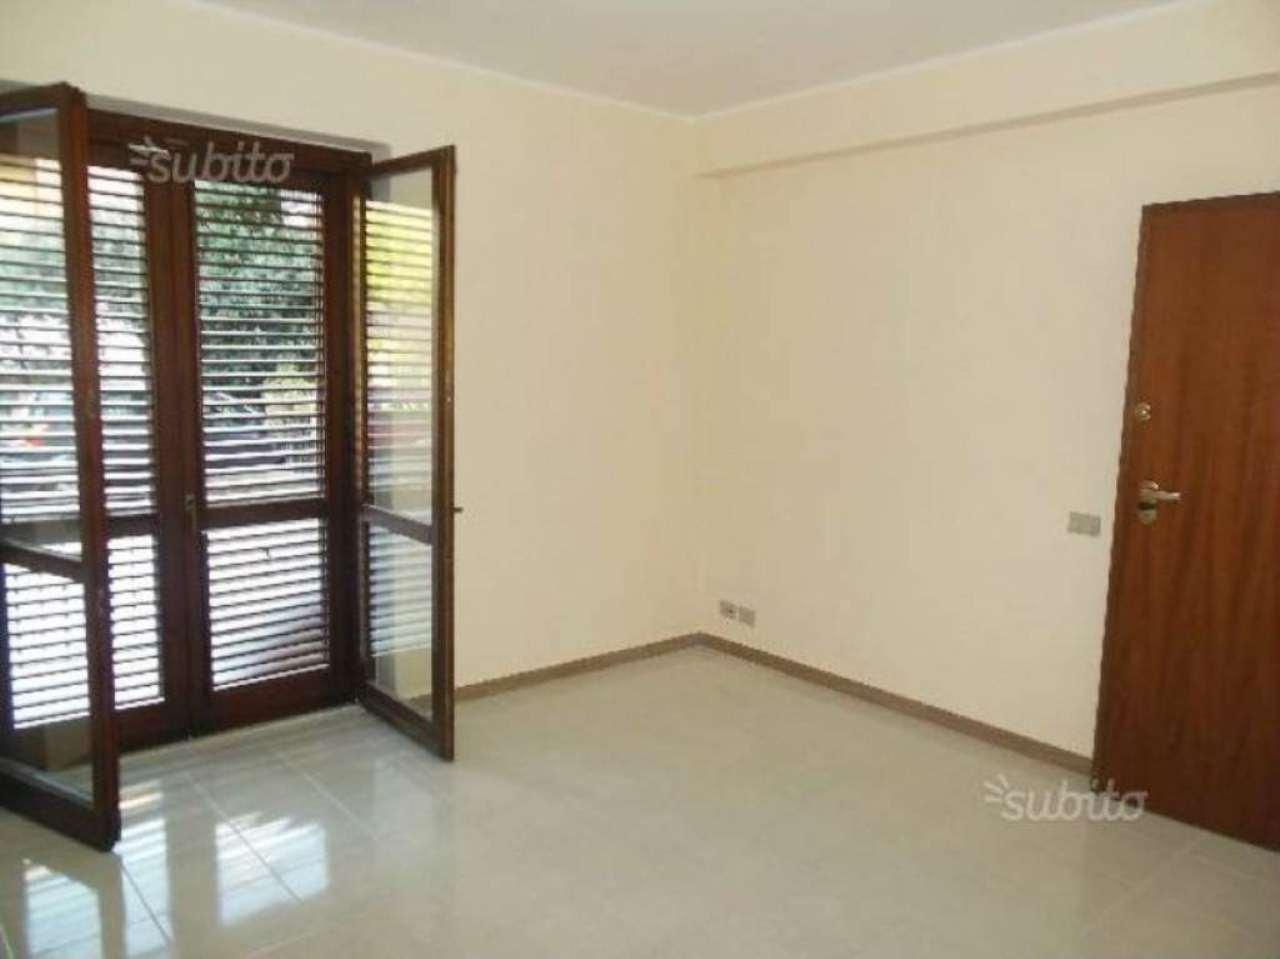 Appartamento in affitto a Tremestieri Etneo, 9999 locali, prezzo € 500 | Cambio Casa.it